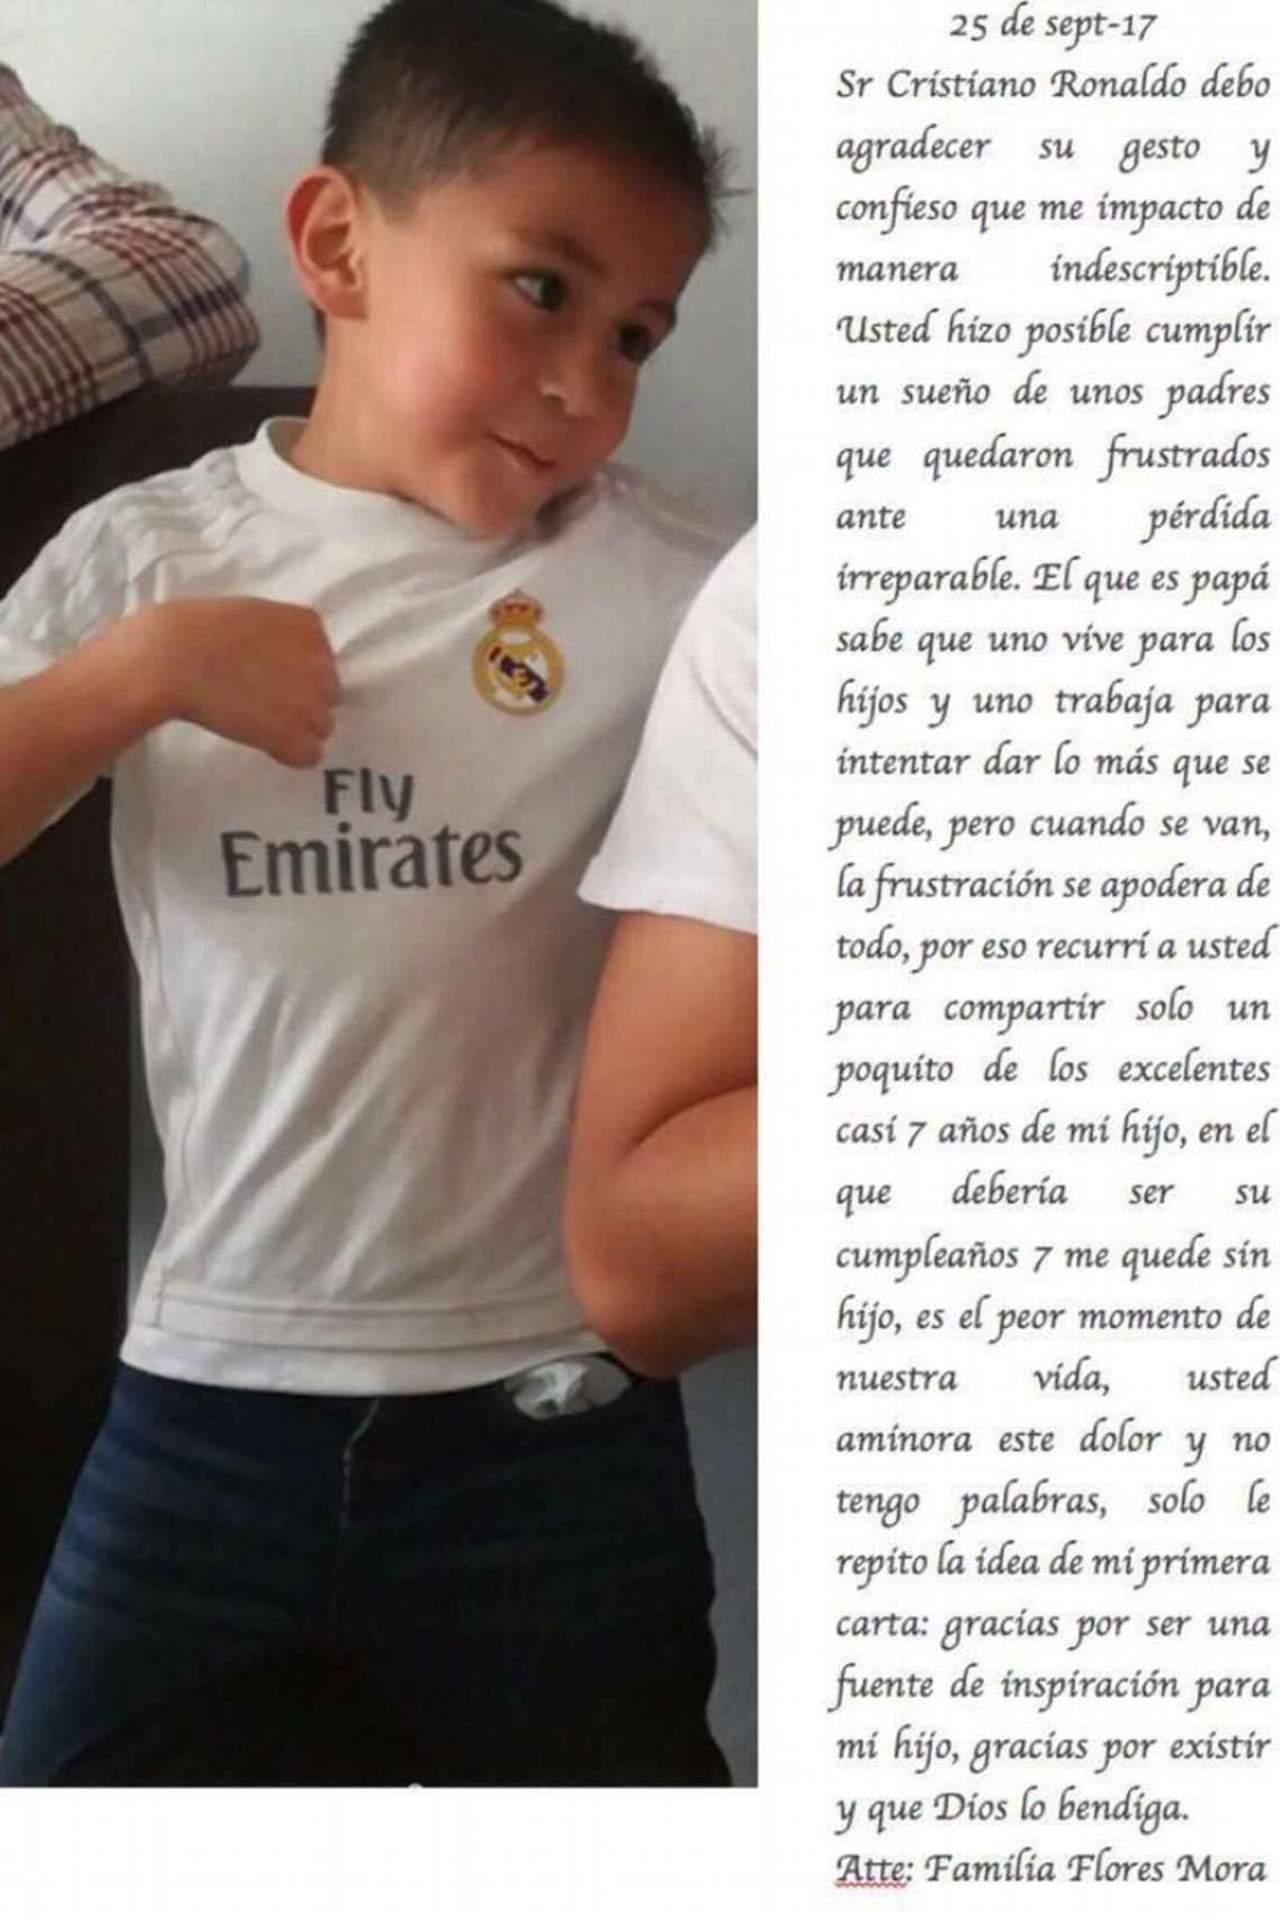 Papá de Santiago le respondió a Cristiano Ronaldo